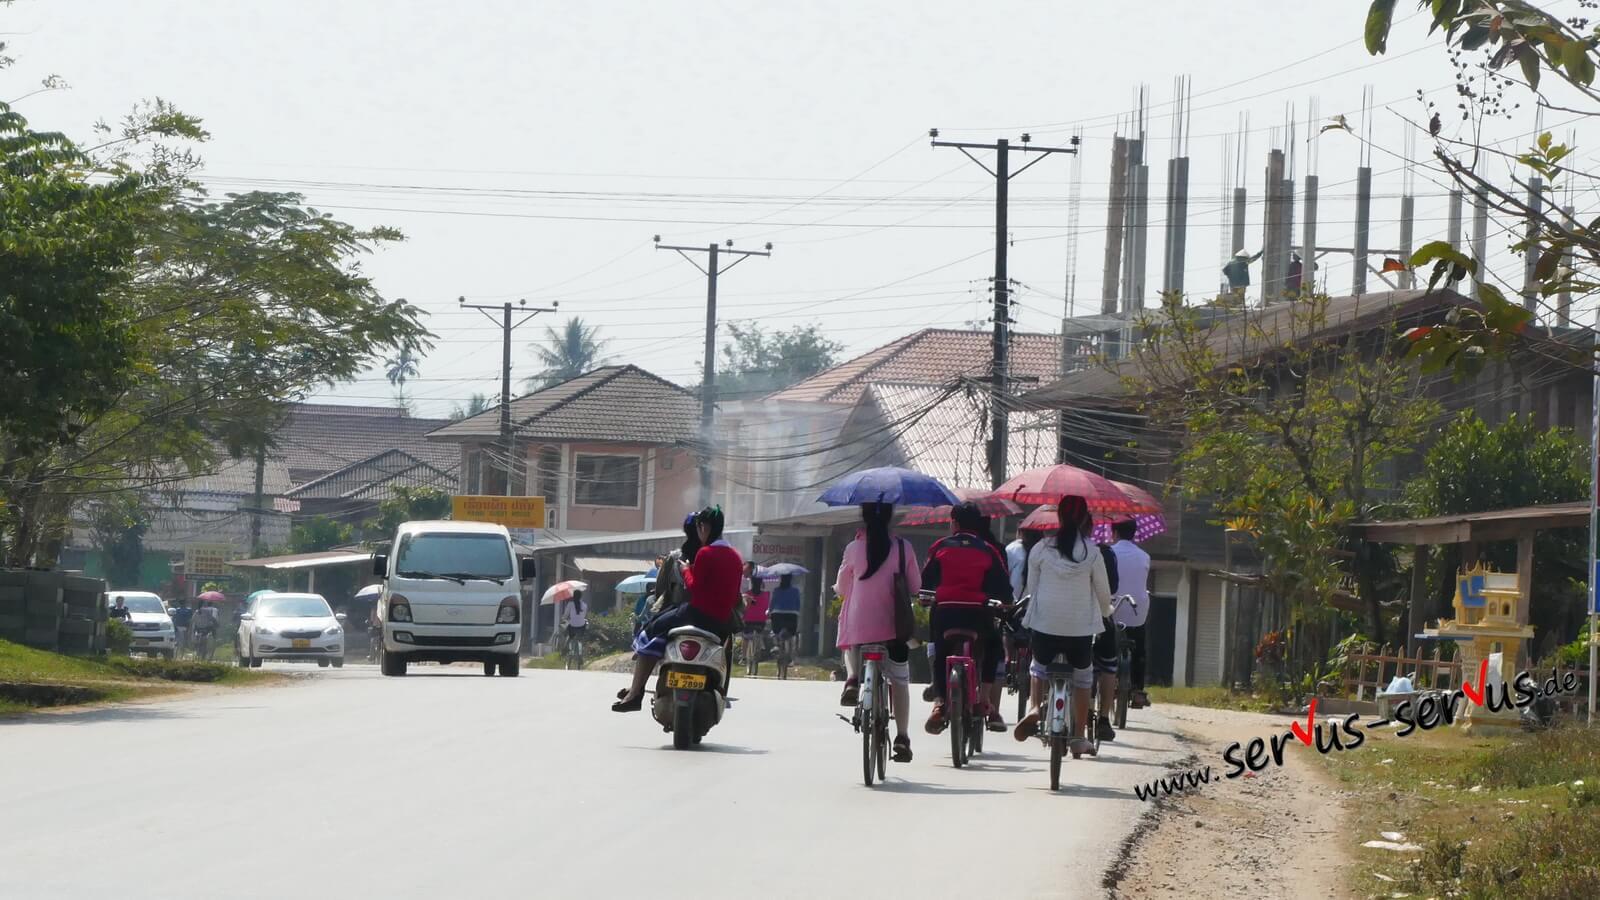 überall sonnenschirme in laos